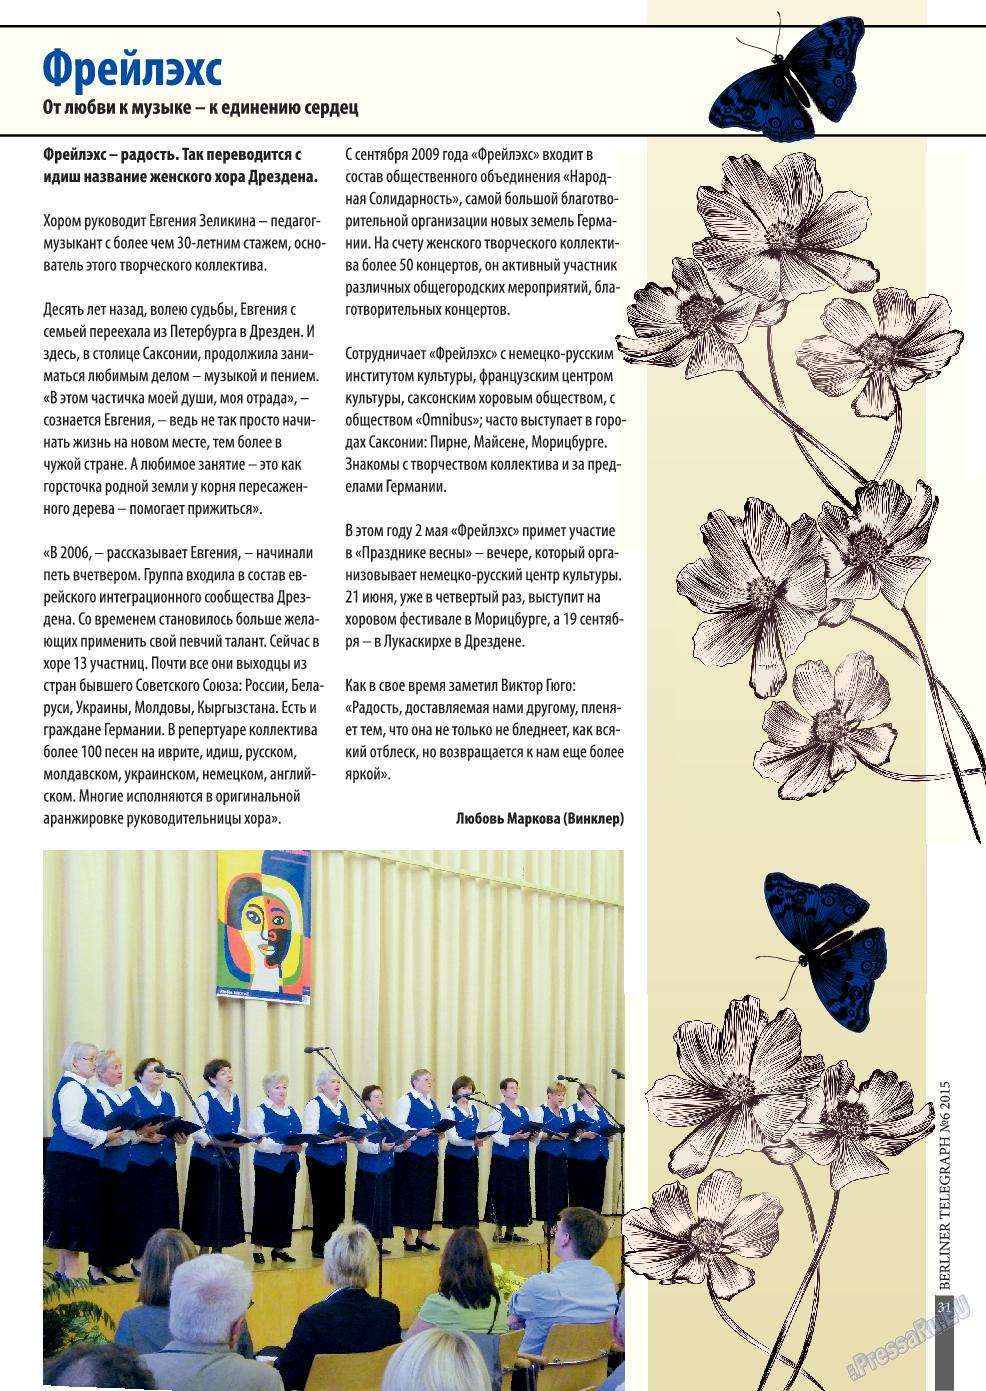 Берлинский телеграф (журнал). 2015 год, номер 6, стр. 31